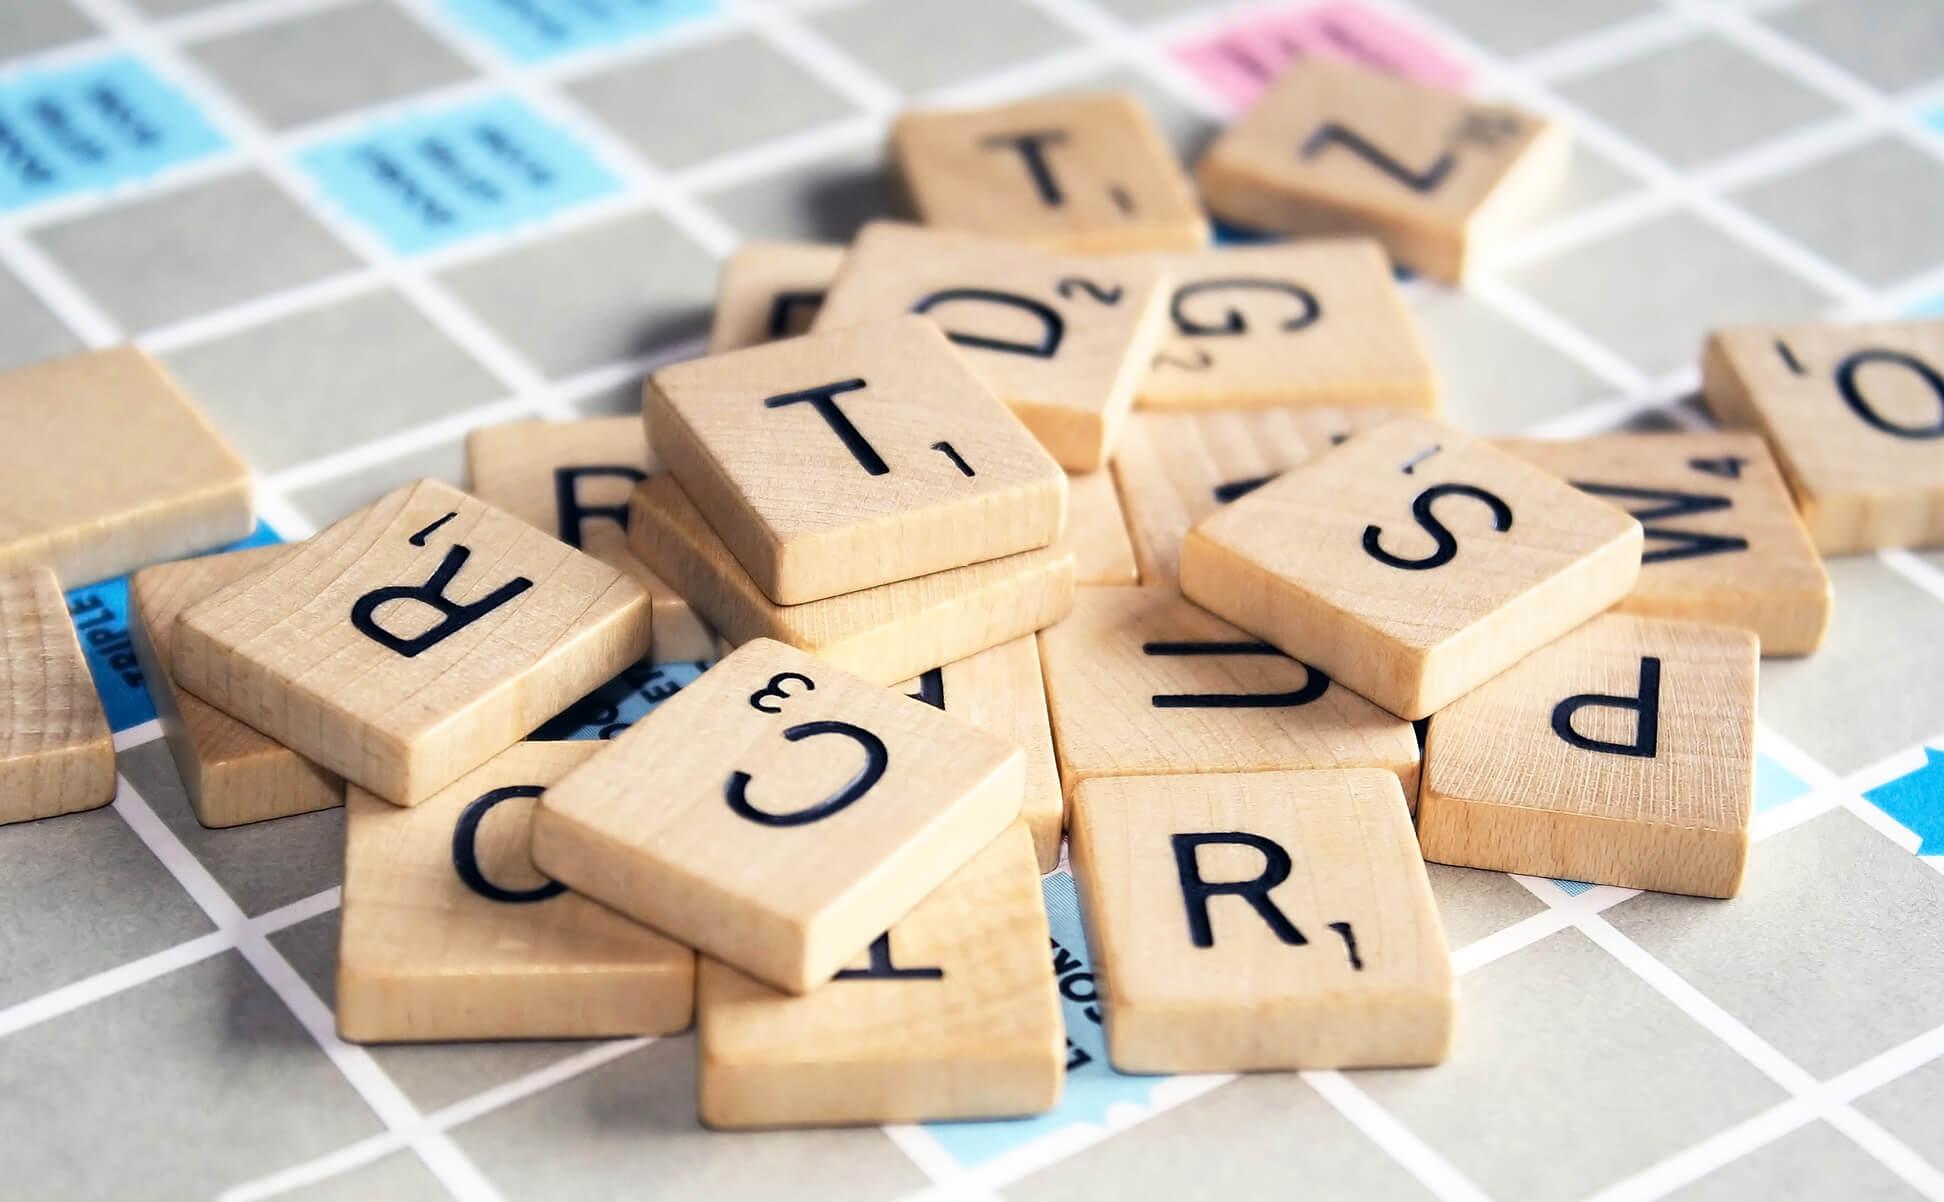 Wörter bilden mit Scrabble Steinen